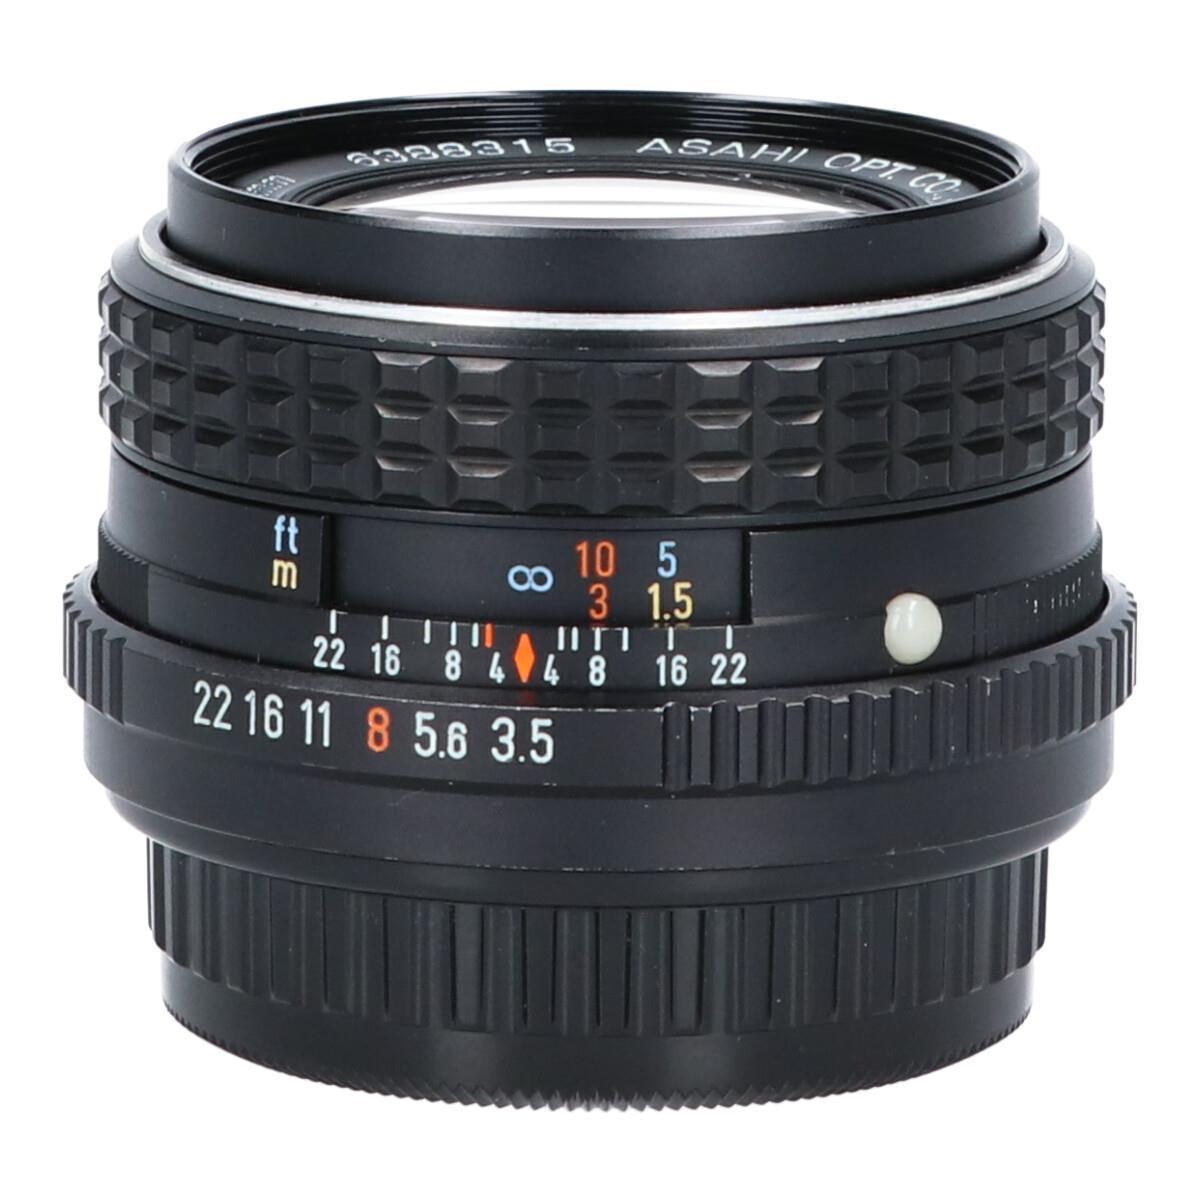 PENTAX M28mm F3.5